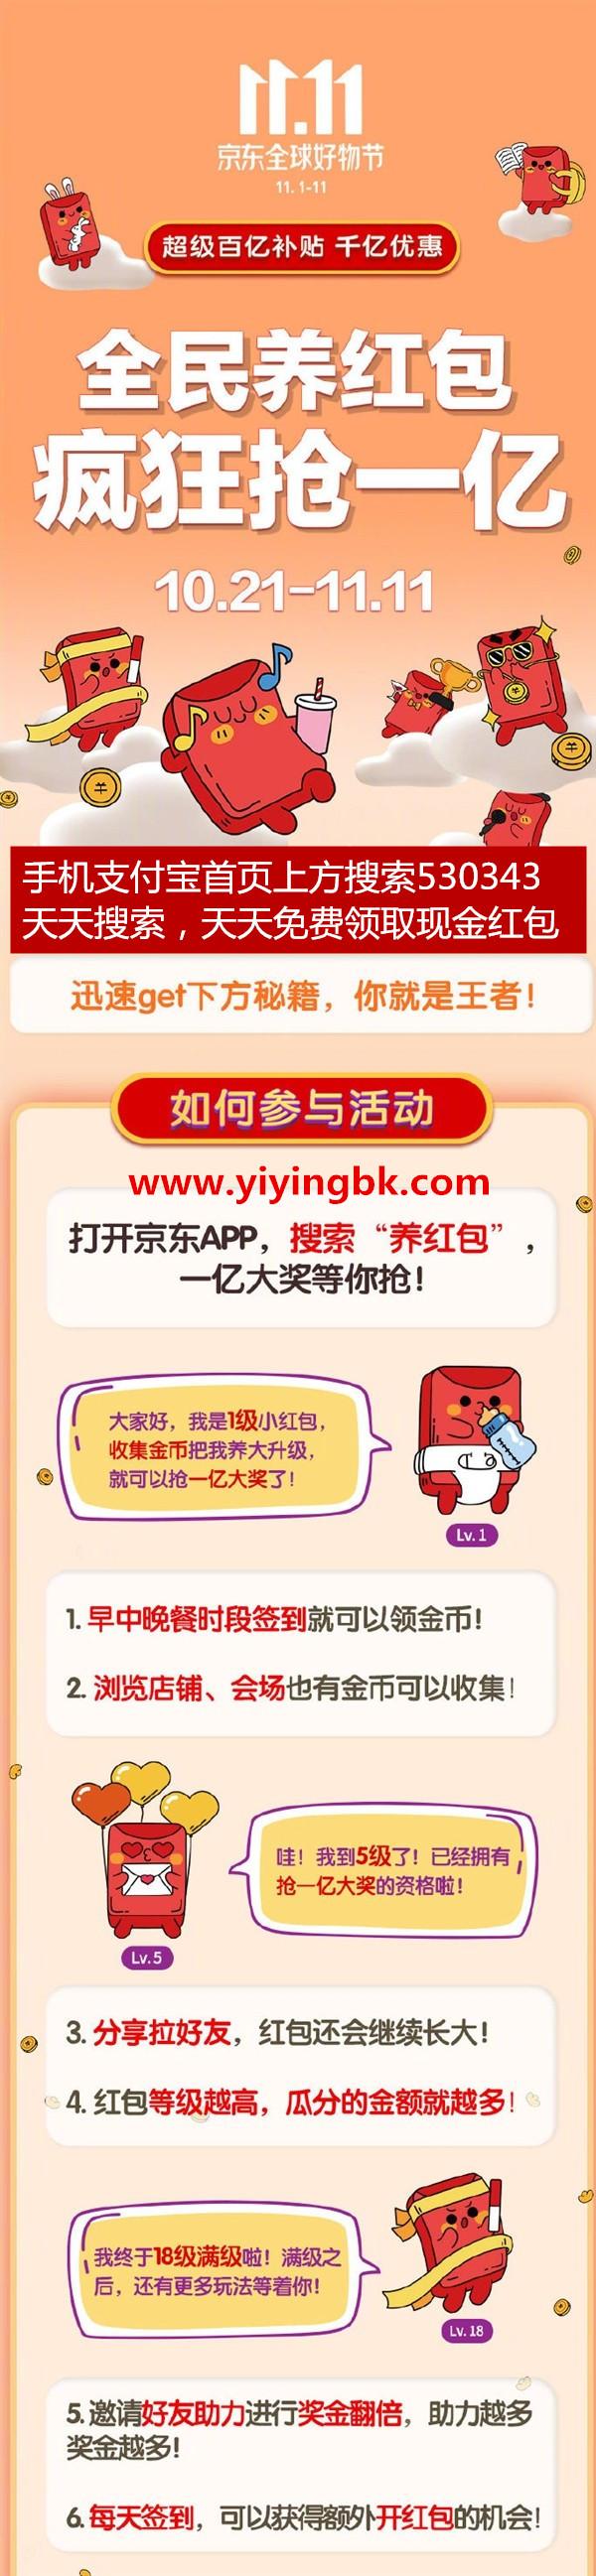 京东双11(双十一)全球好物节,全民养红包,疯狂抢一亿红包活动。